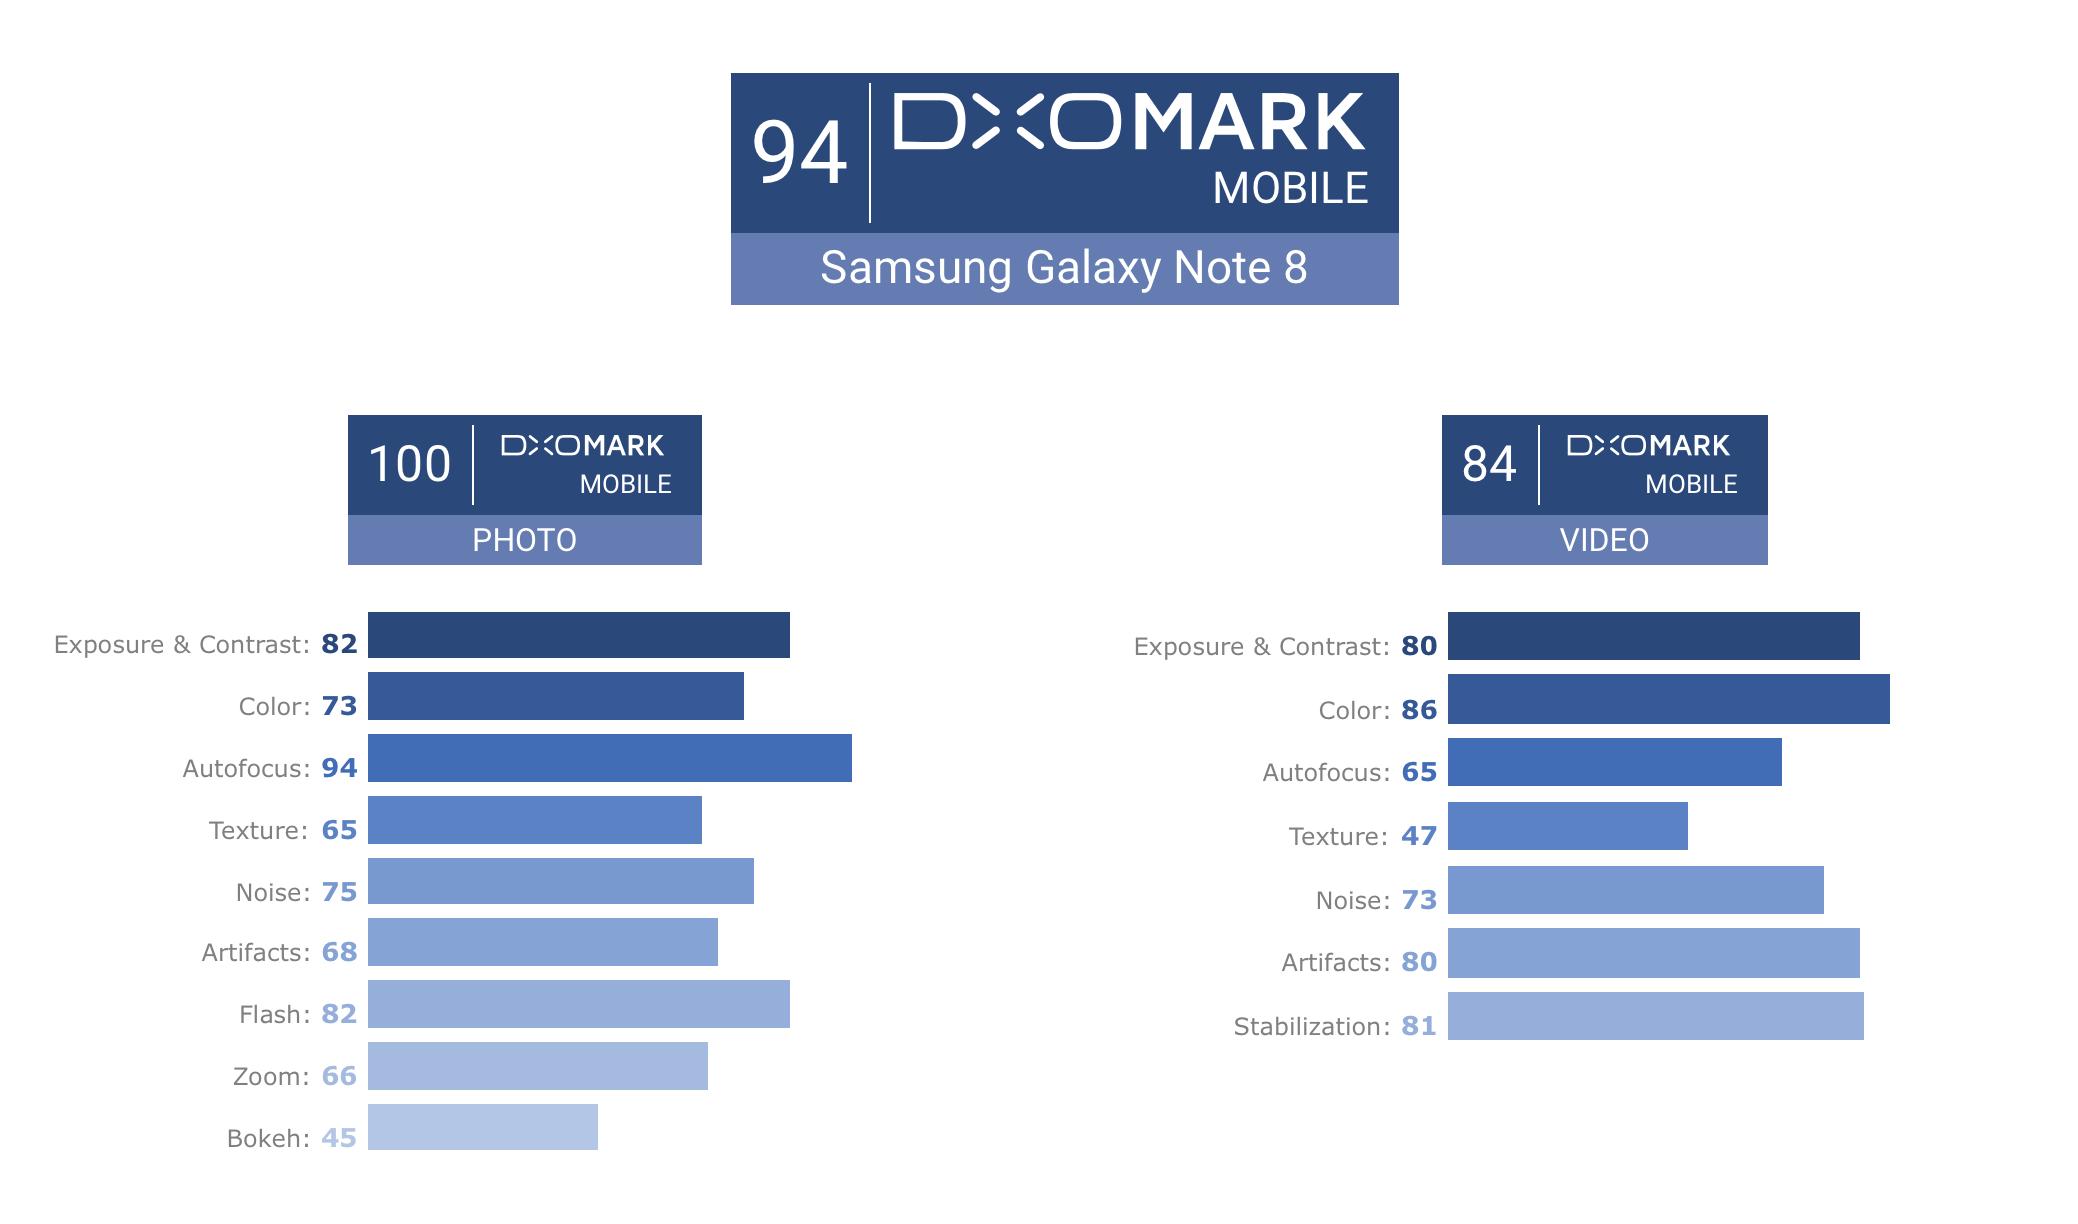 DxO Mark признали камеру Galaxy Note 8 лучшей на рынке и выдали ей максимальный балл за всю историю проекта